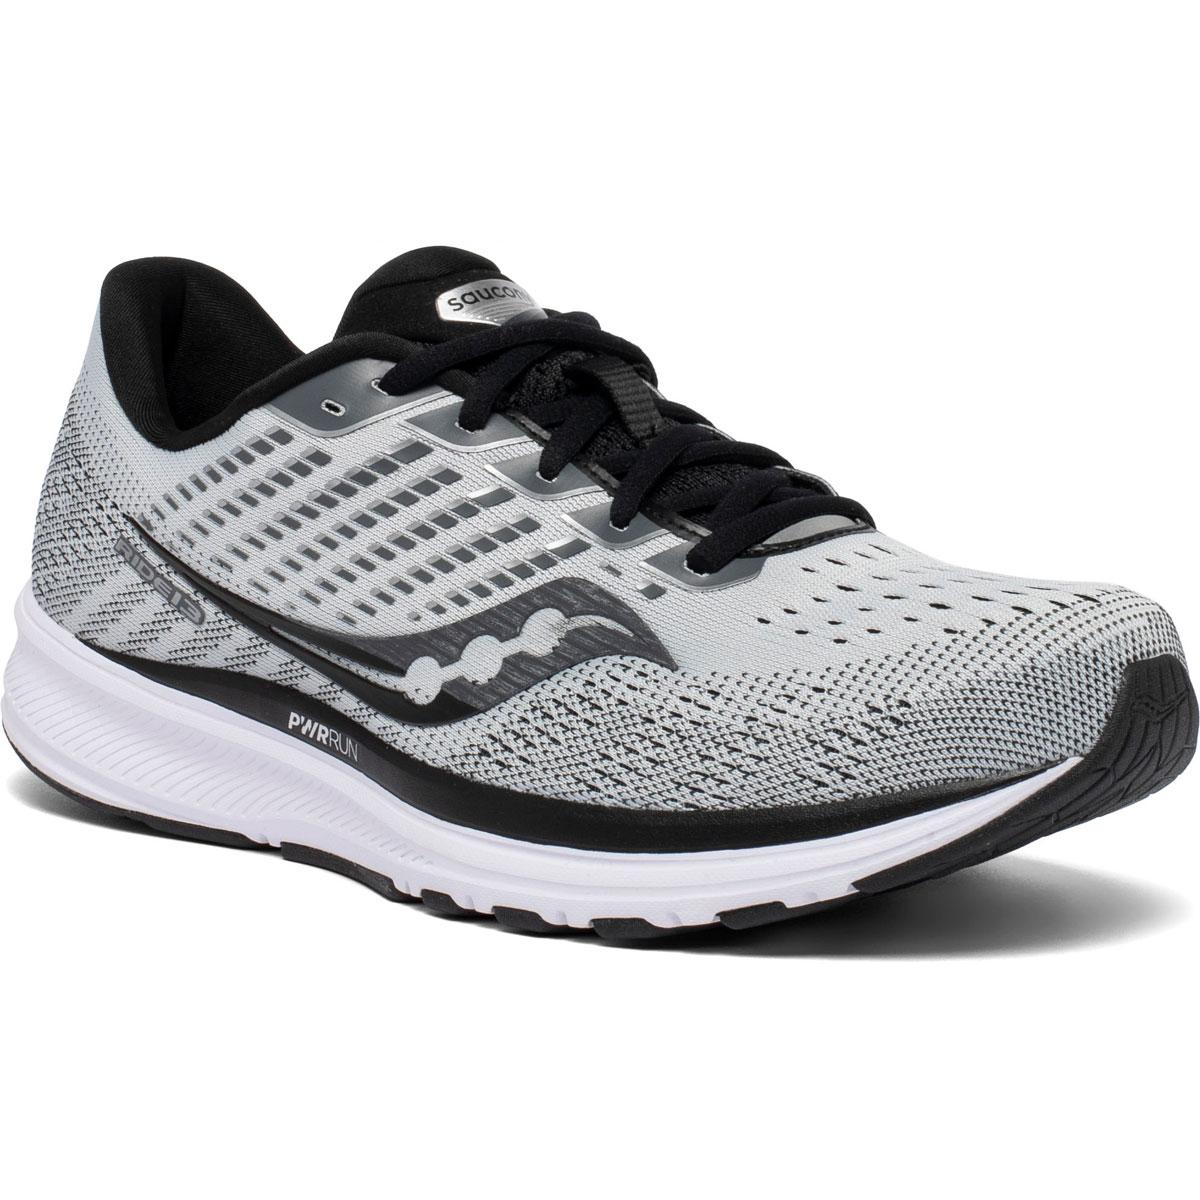 Men's Saucony Ride 13 Running Shoe - Color: Alloy/Black - Size: 7 - Width: Regular, Alloy/Black, large, image 5